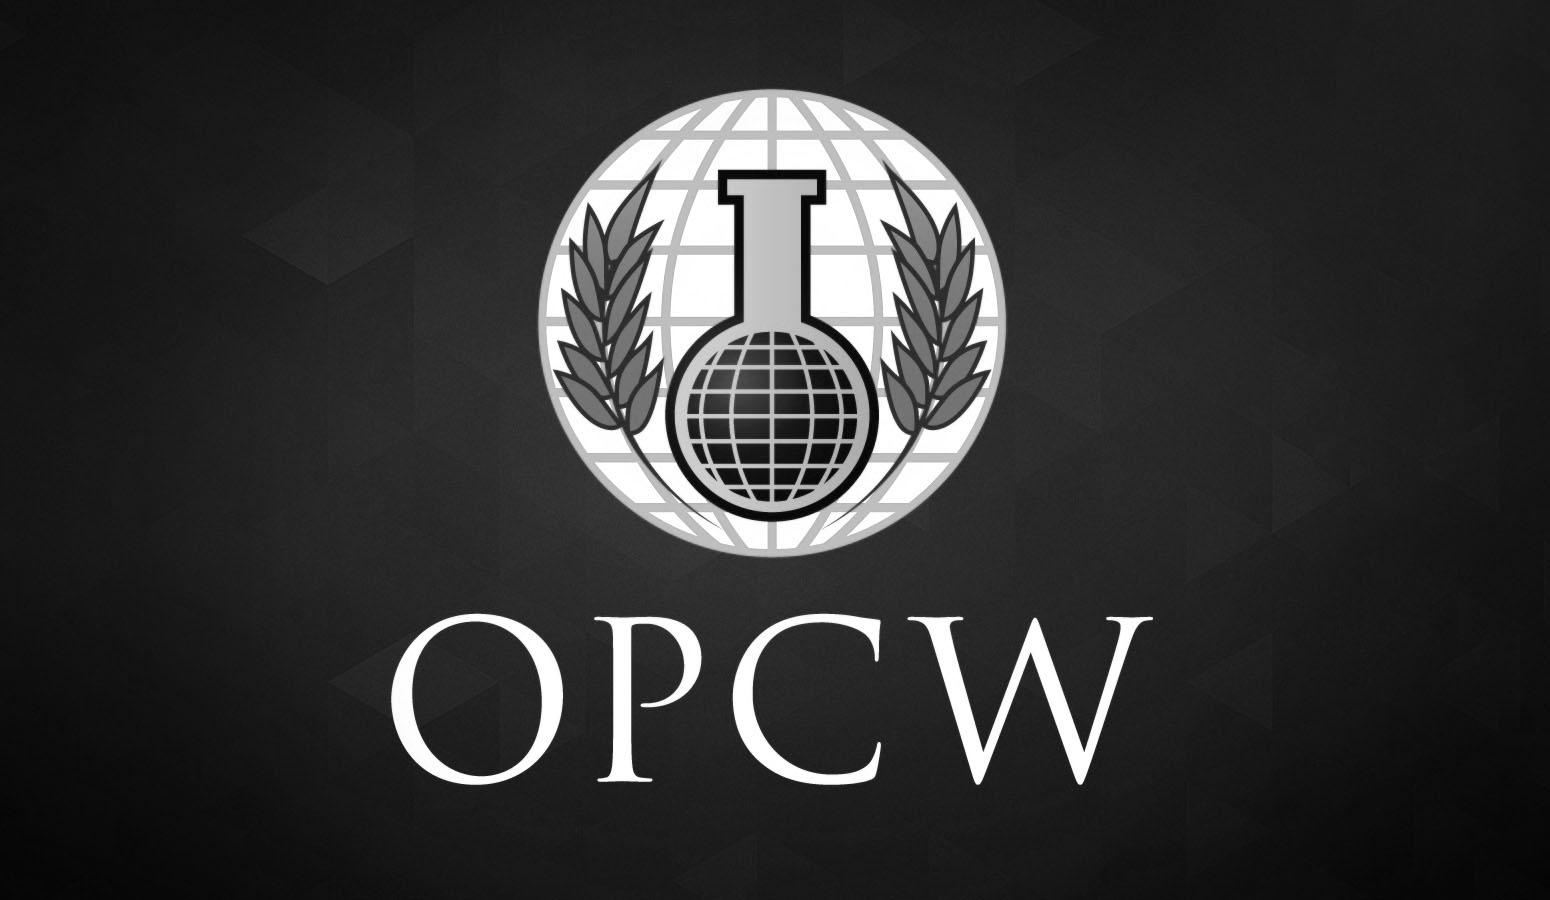 https://www.bluepalmentertainment.nl/wp-content/uploads/2020/01/OPCW.jpg